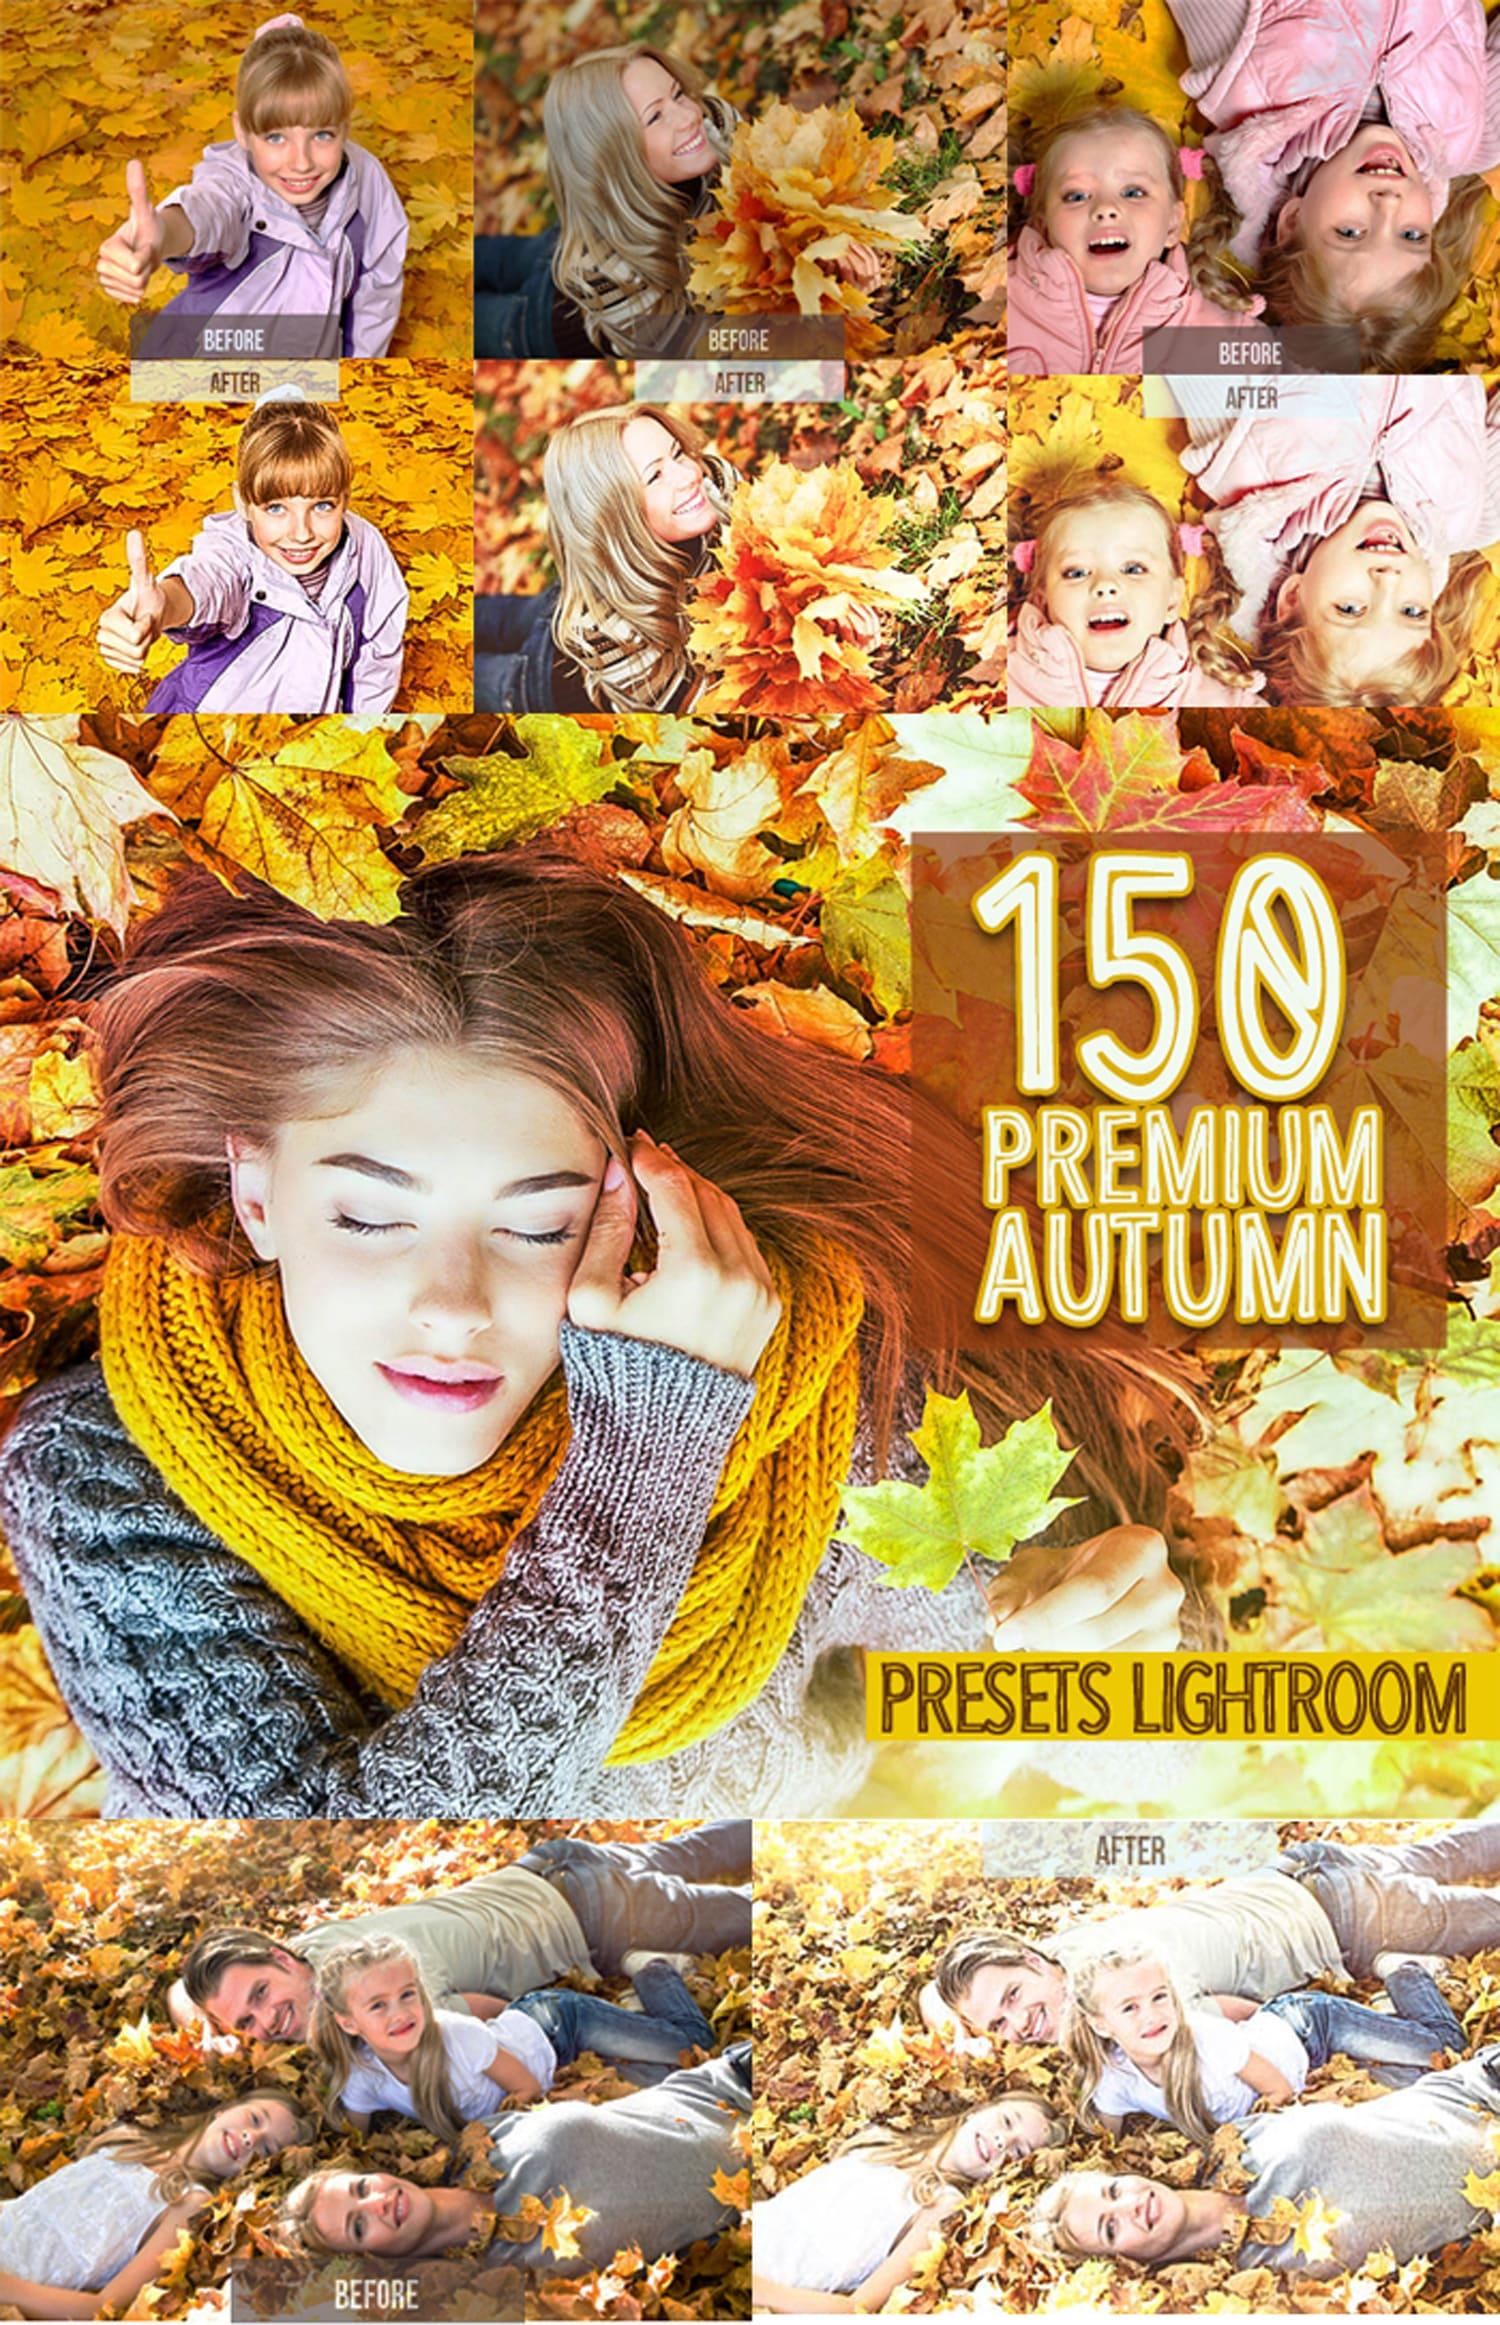 60+ Best Lightroom Mobile Presets 2021 & 30 Shortcodes To Manage Images - Premium Autumn Presets Lightroom min